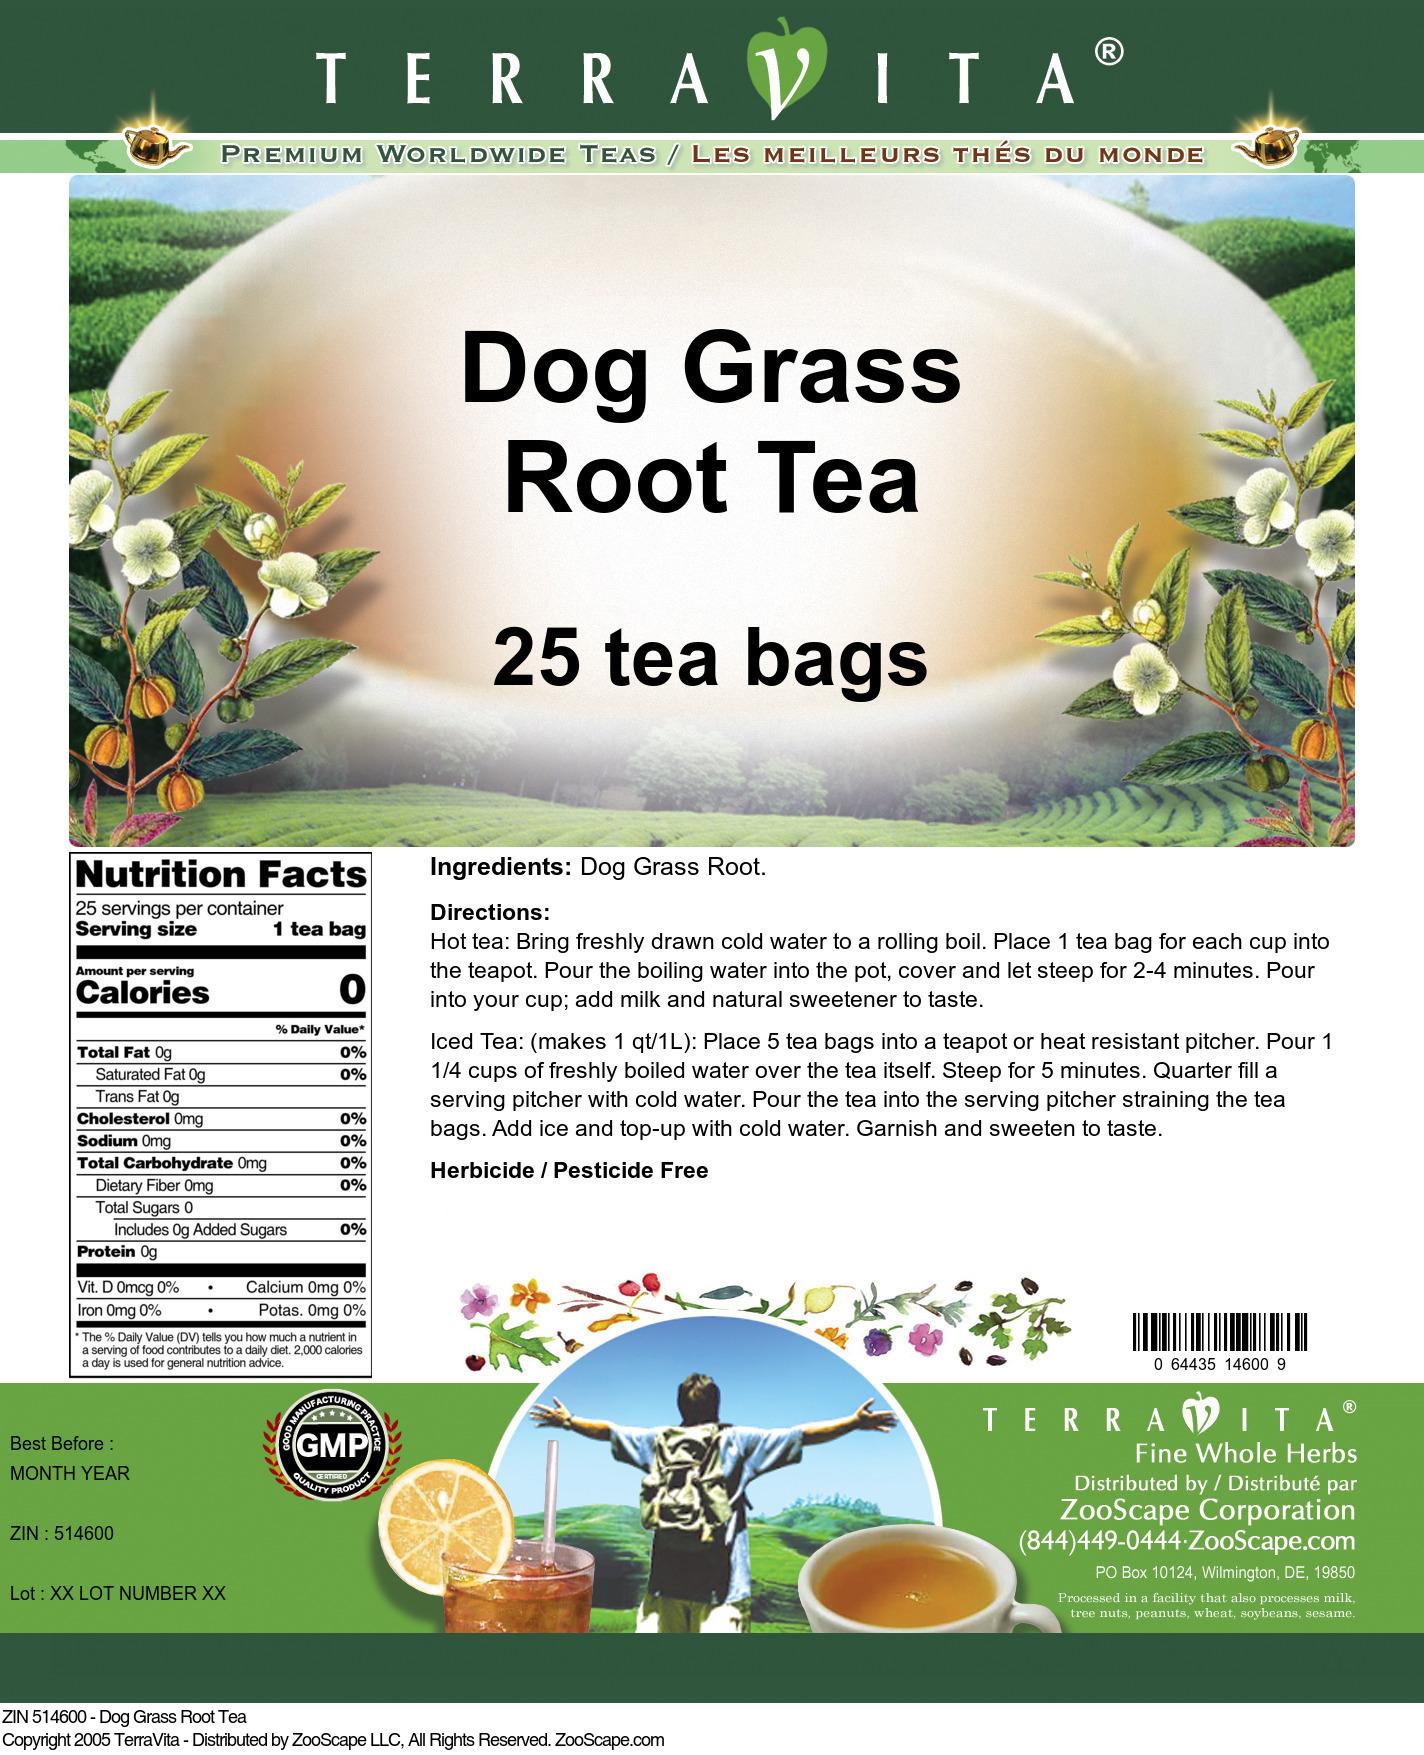 Dog Grass Root Tea